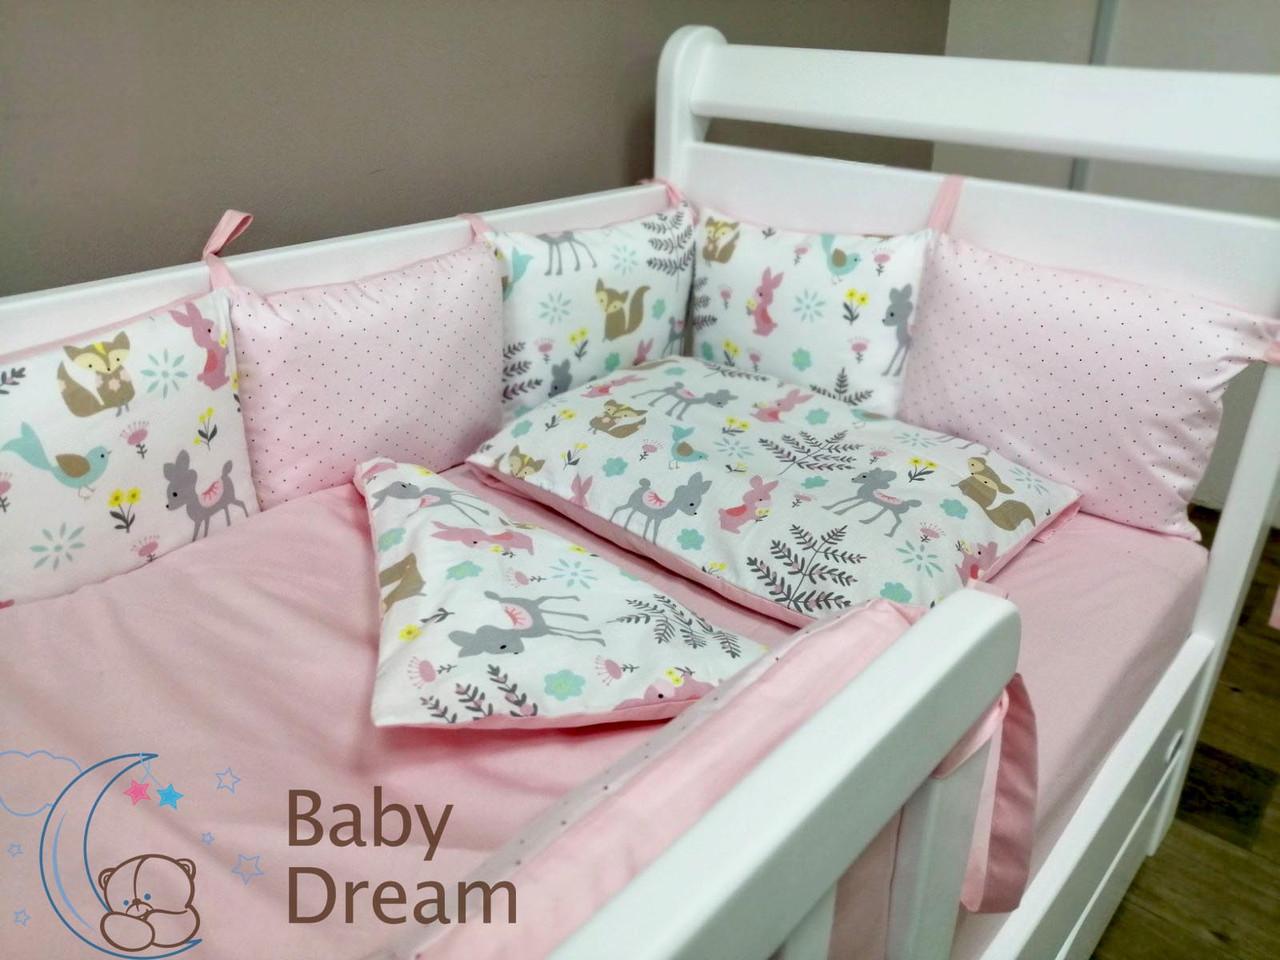 Комплект элитного постельного подросткового белья с бортиками (подушечками) для девочки от 3 лет